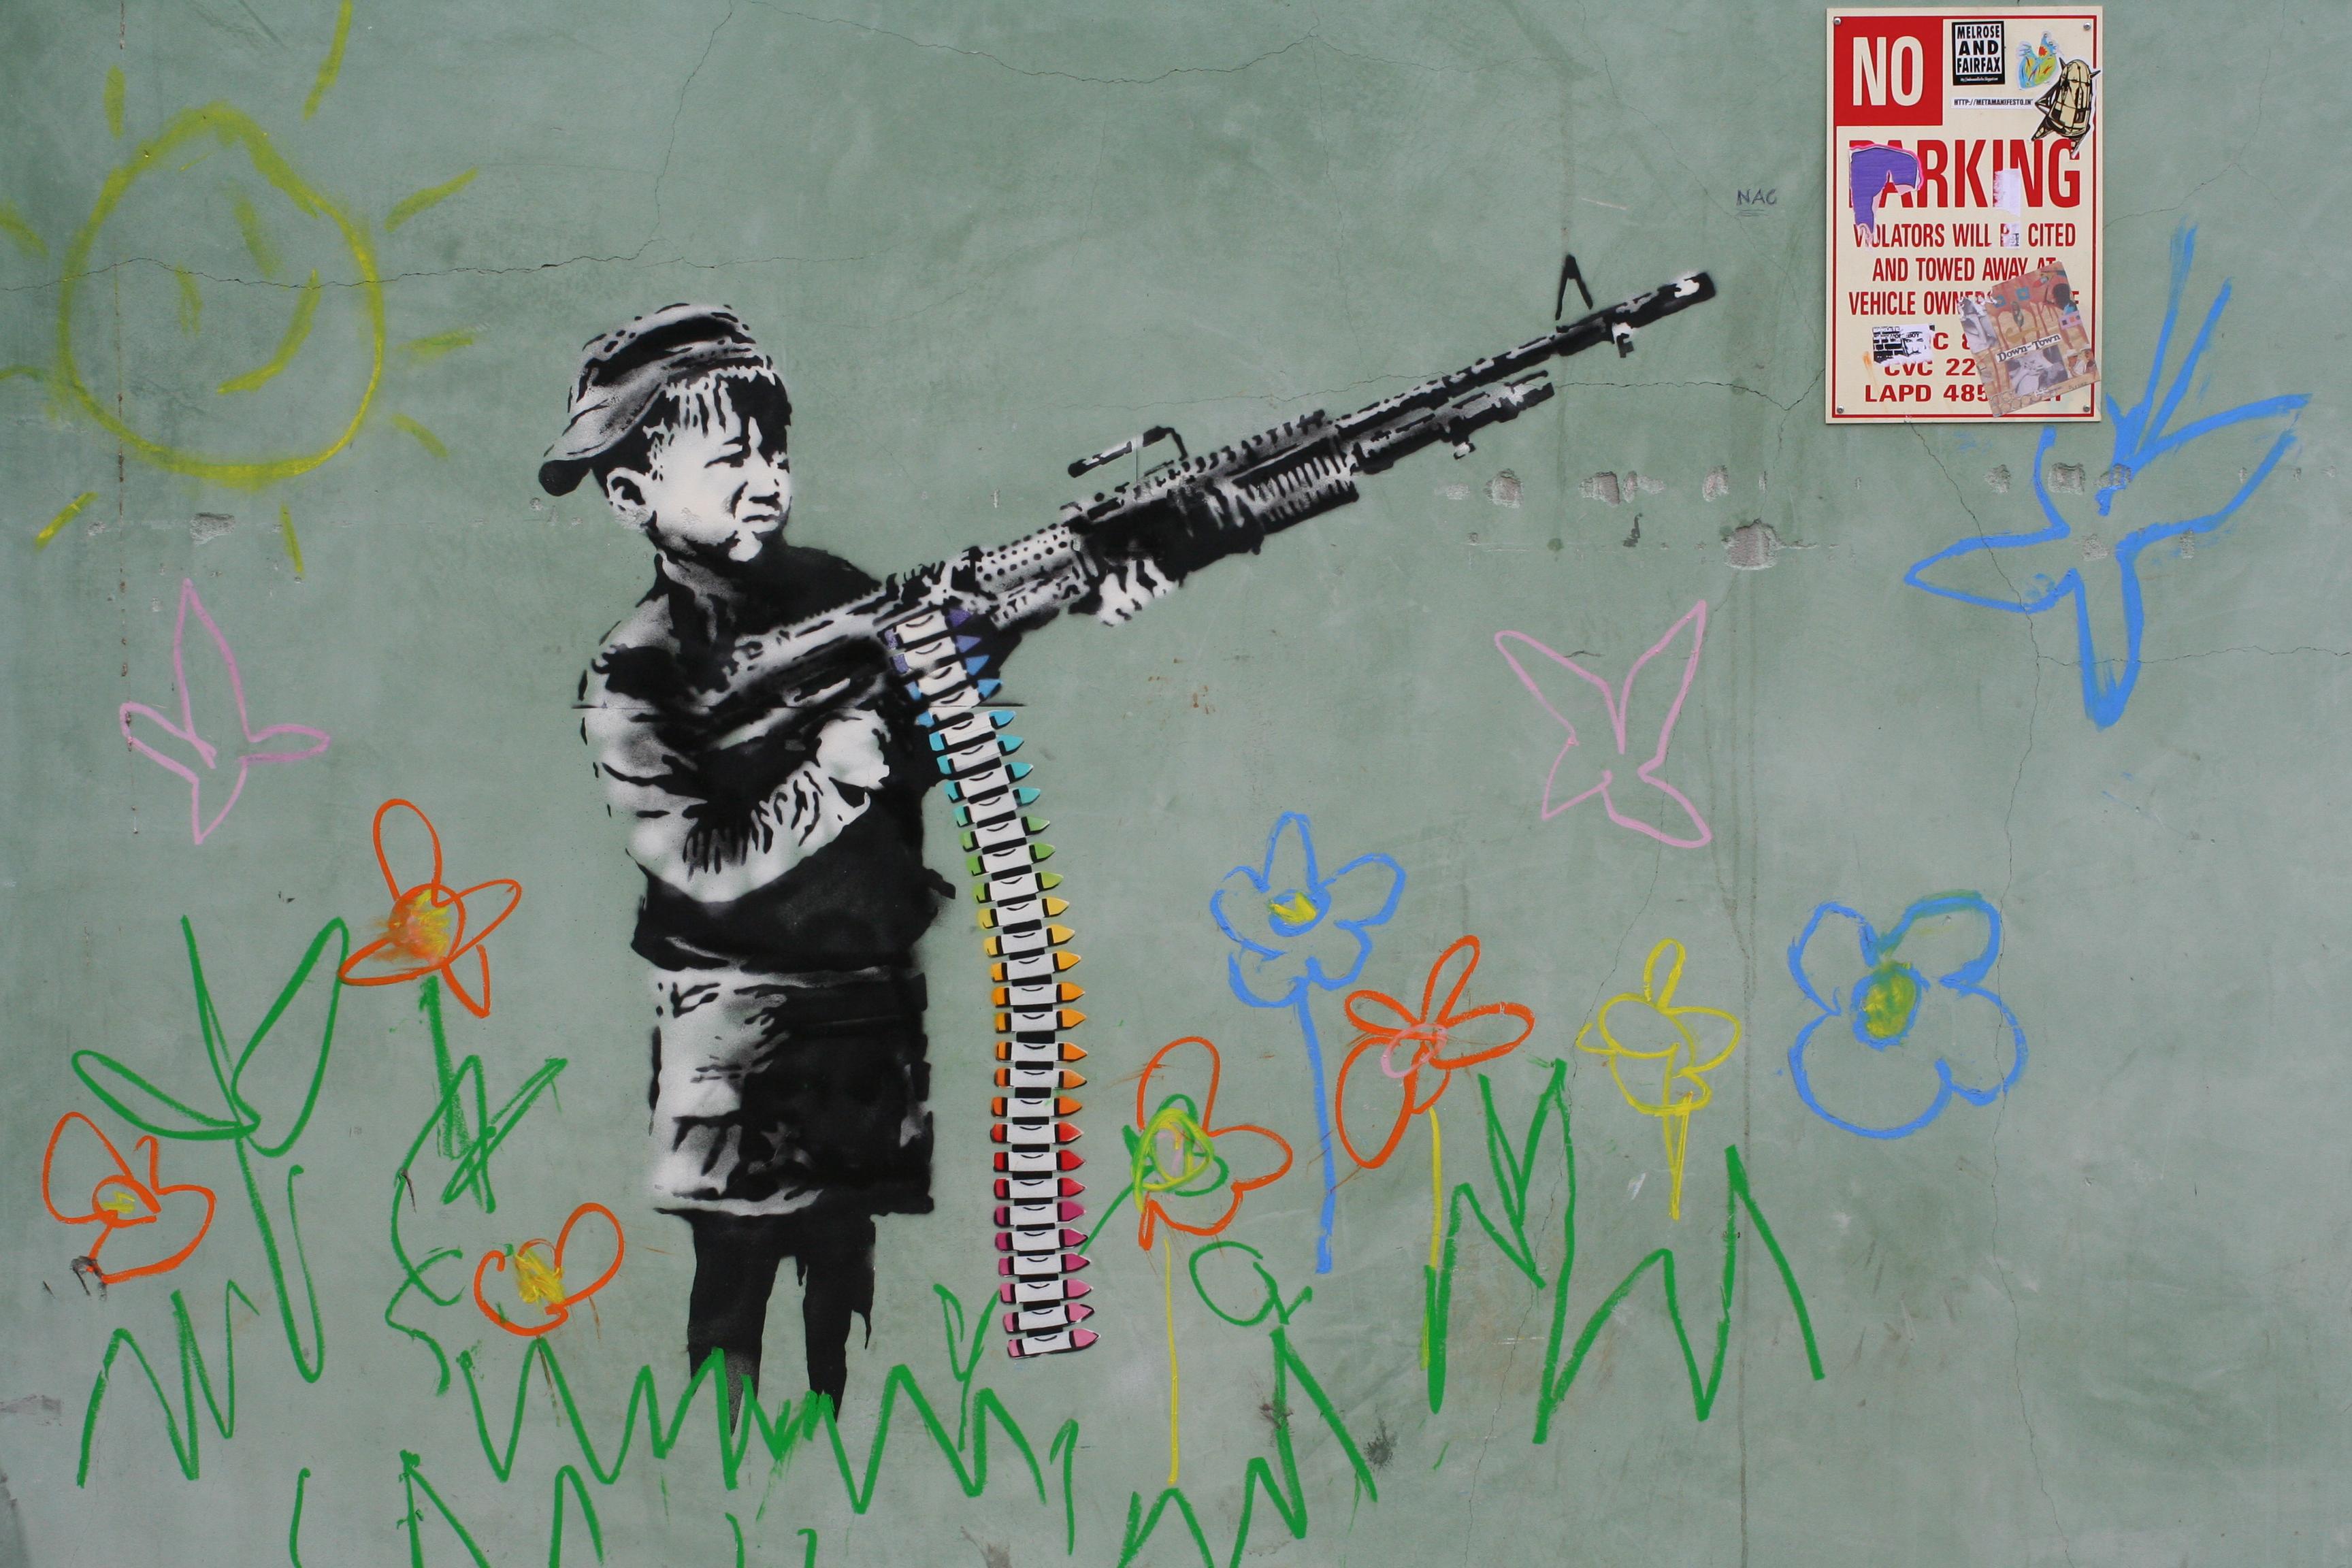 Banksy in Westwood, Los Angeles, CA Feb 18 2011